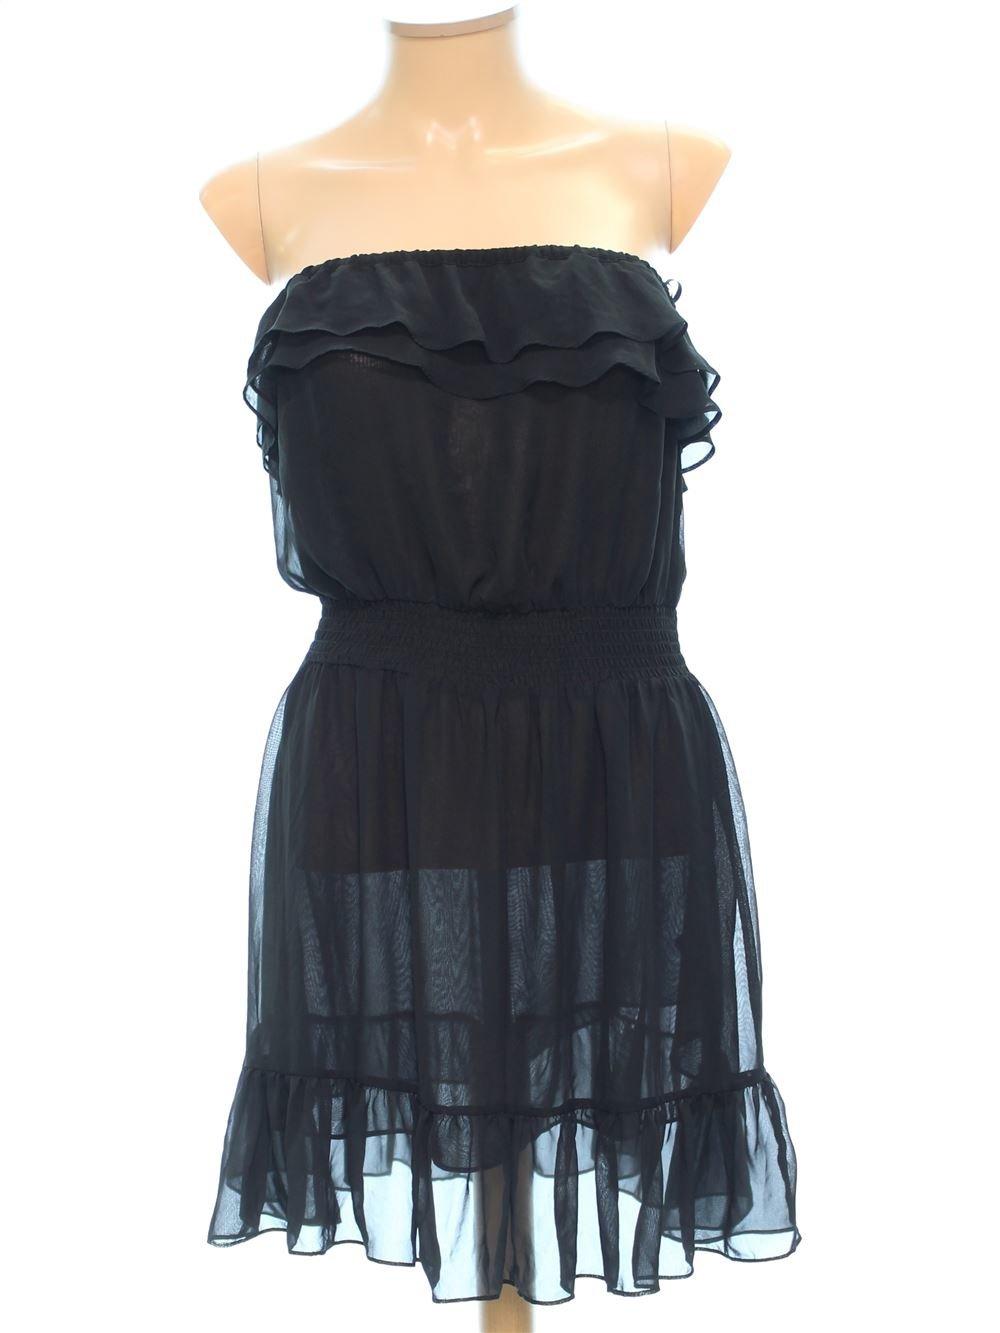 Robe De Soiree Femme H M 40 M T2 Pas Cher 7 99 1698138